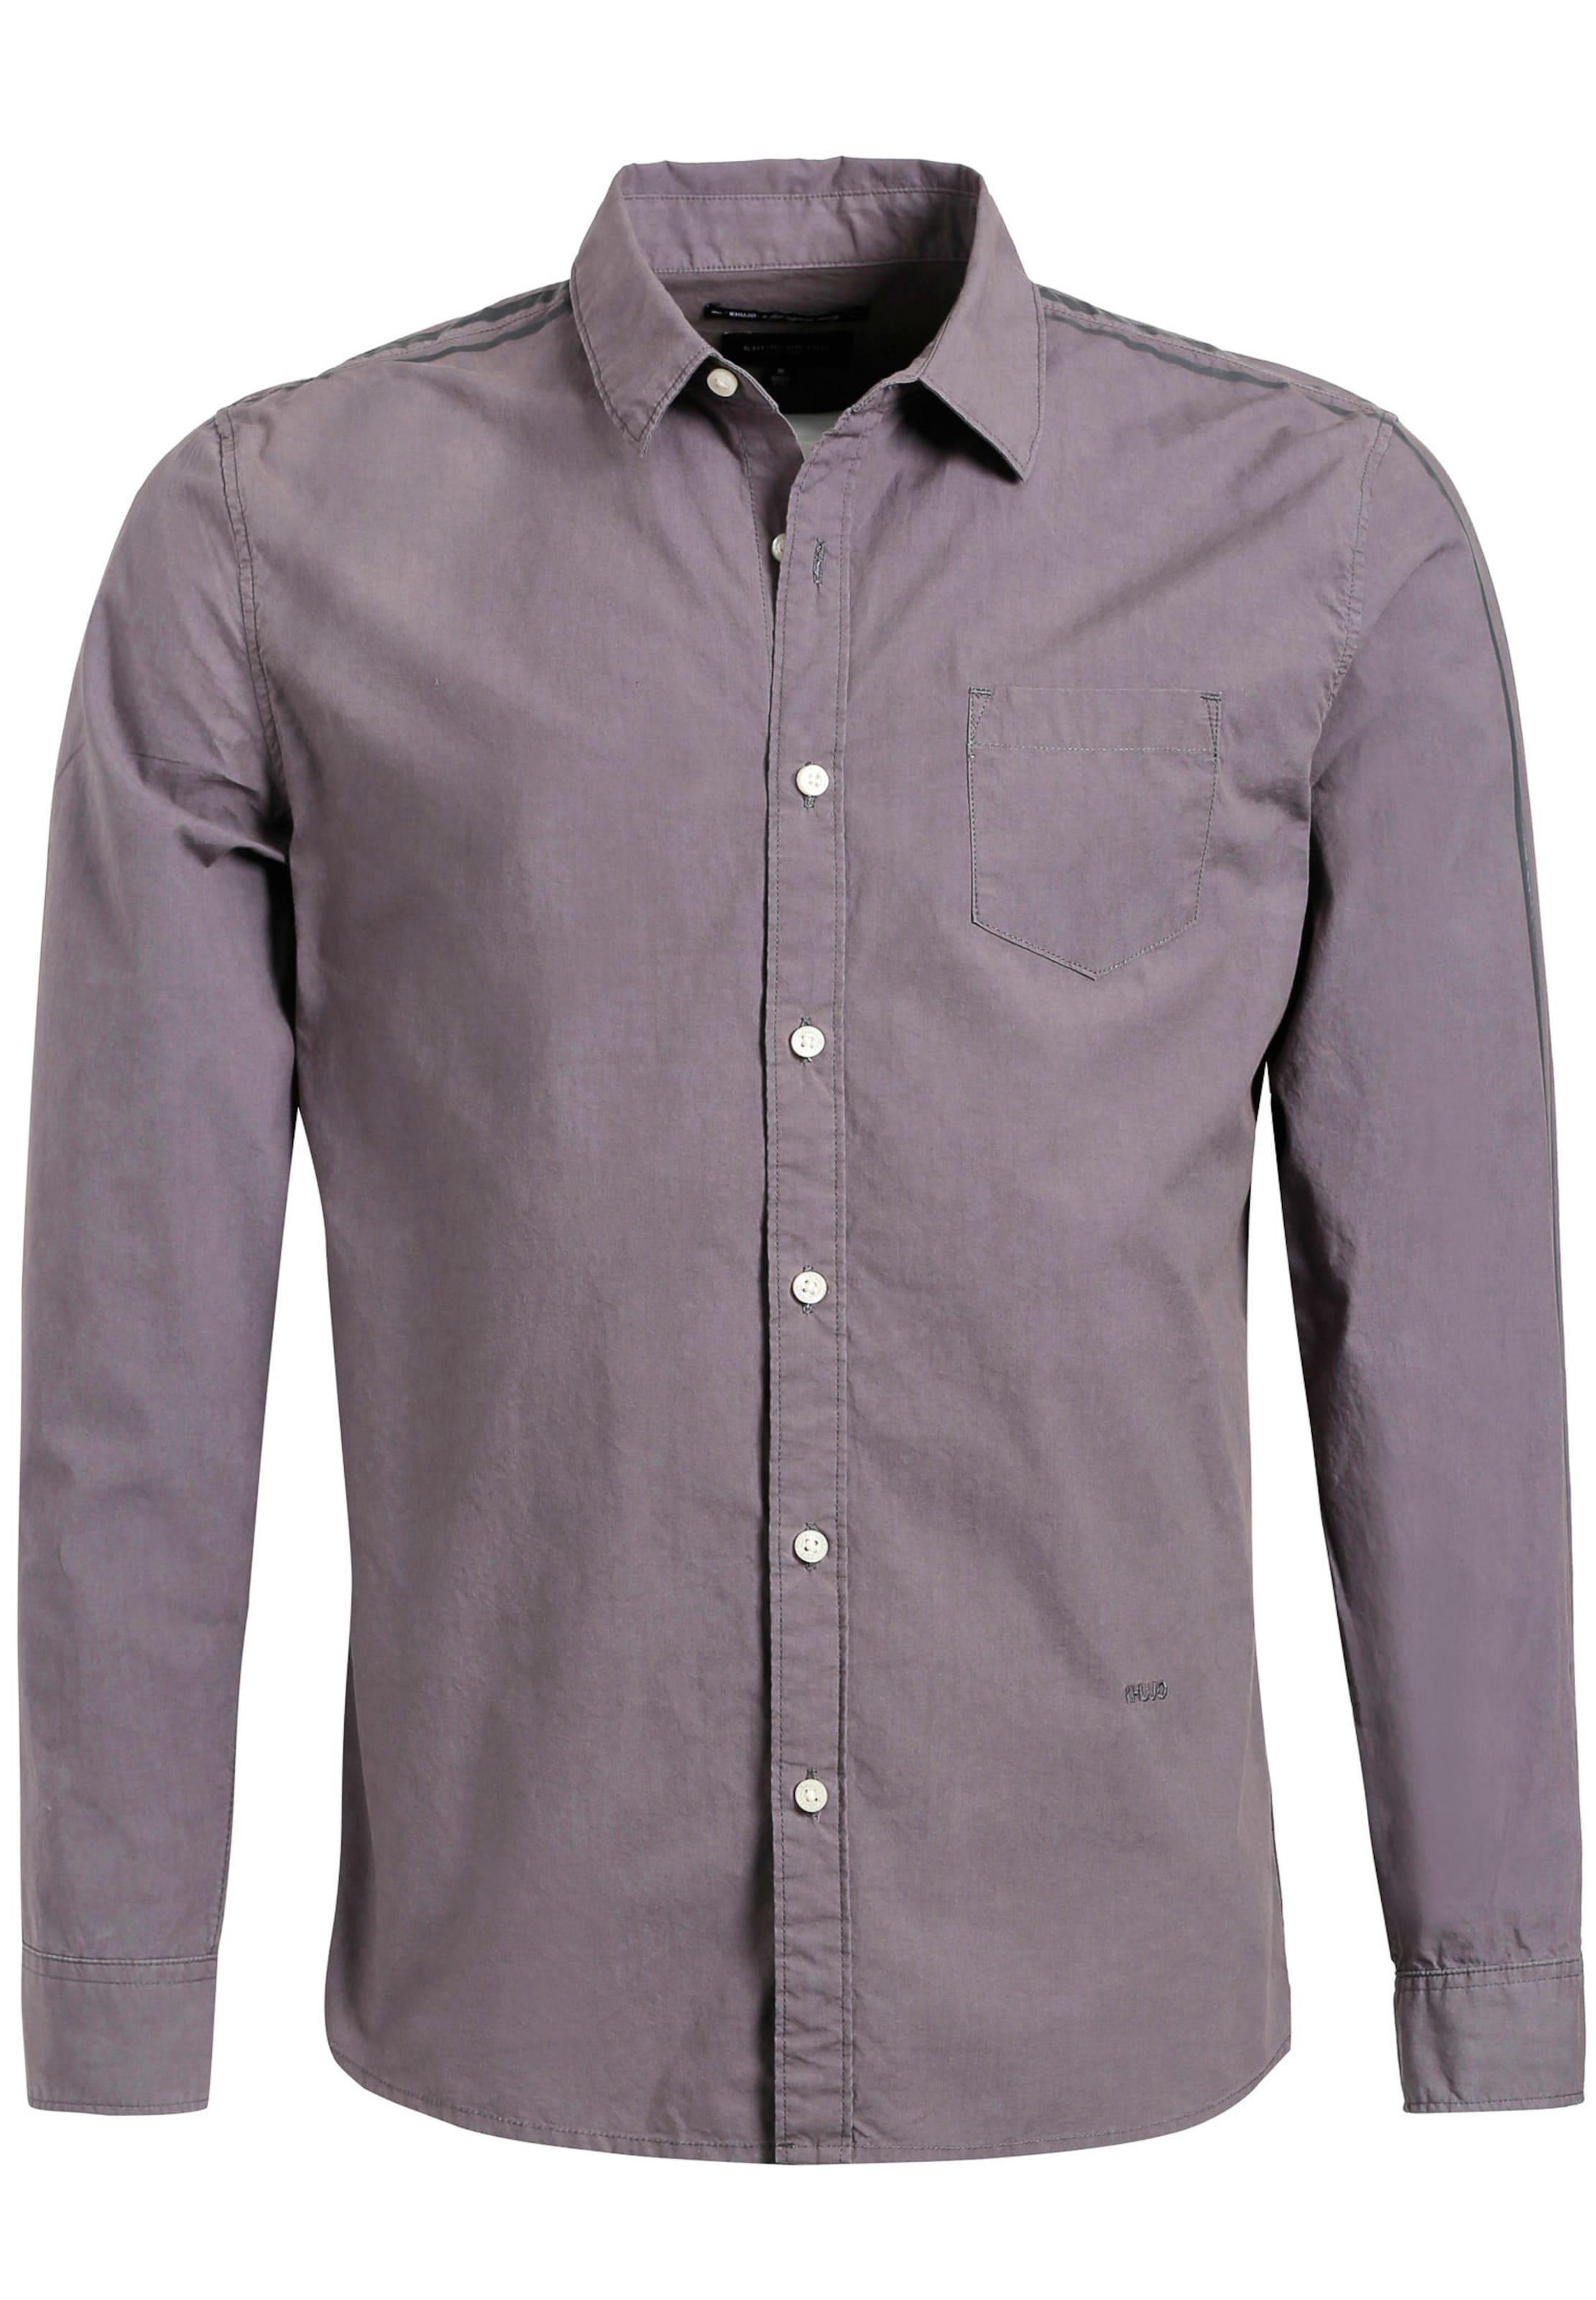 Khujo In 'valentin' 'valentin' TaupeSilbergrau In Shirt Khujo Shirt vnwNPmO8y0